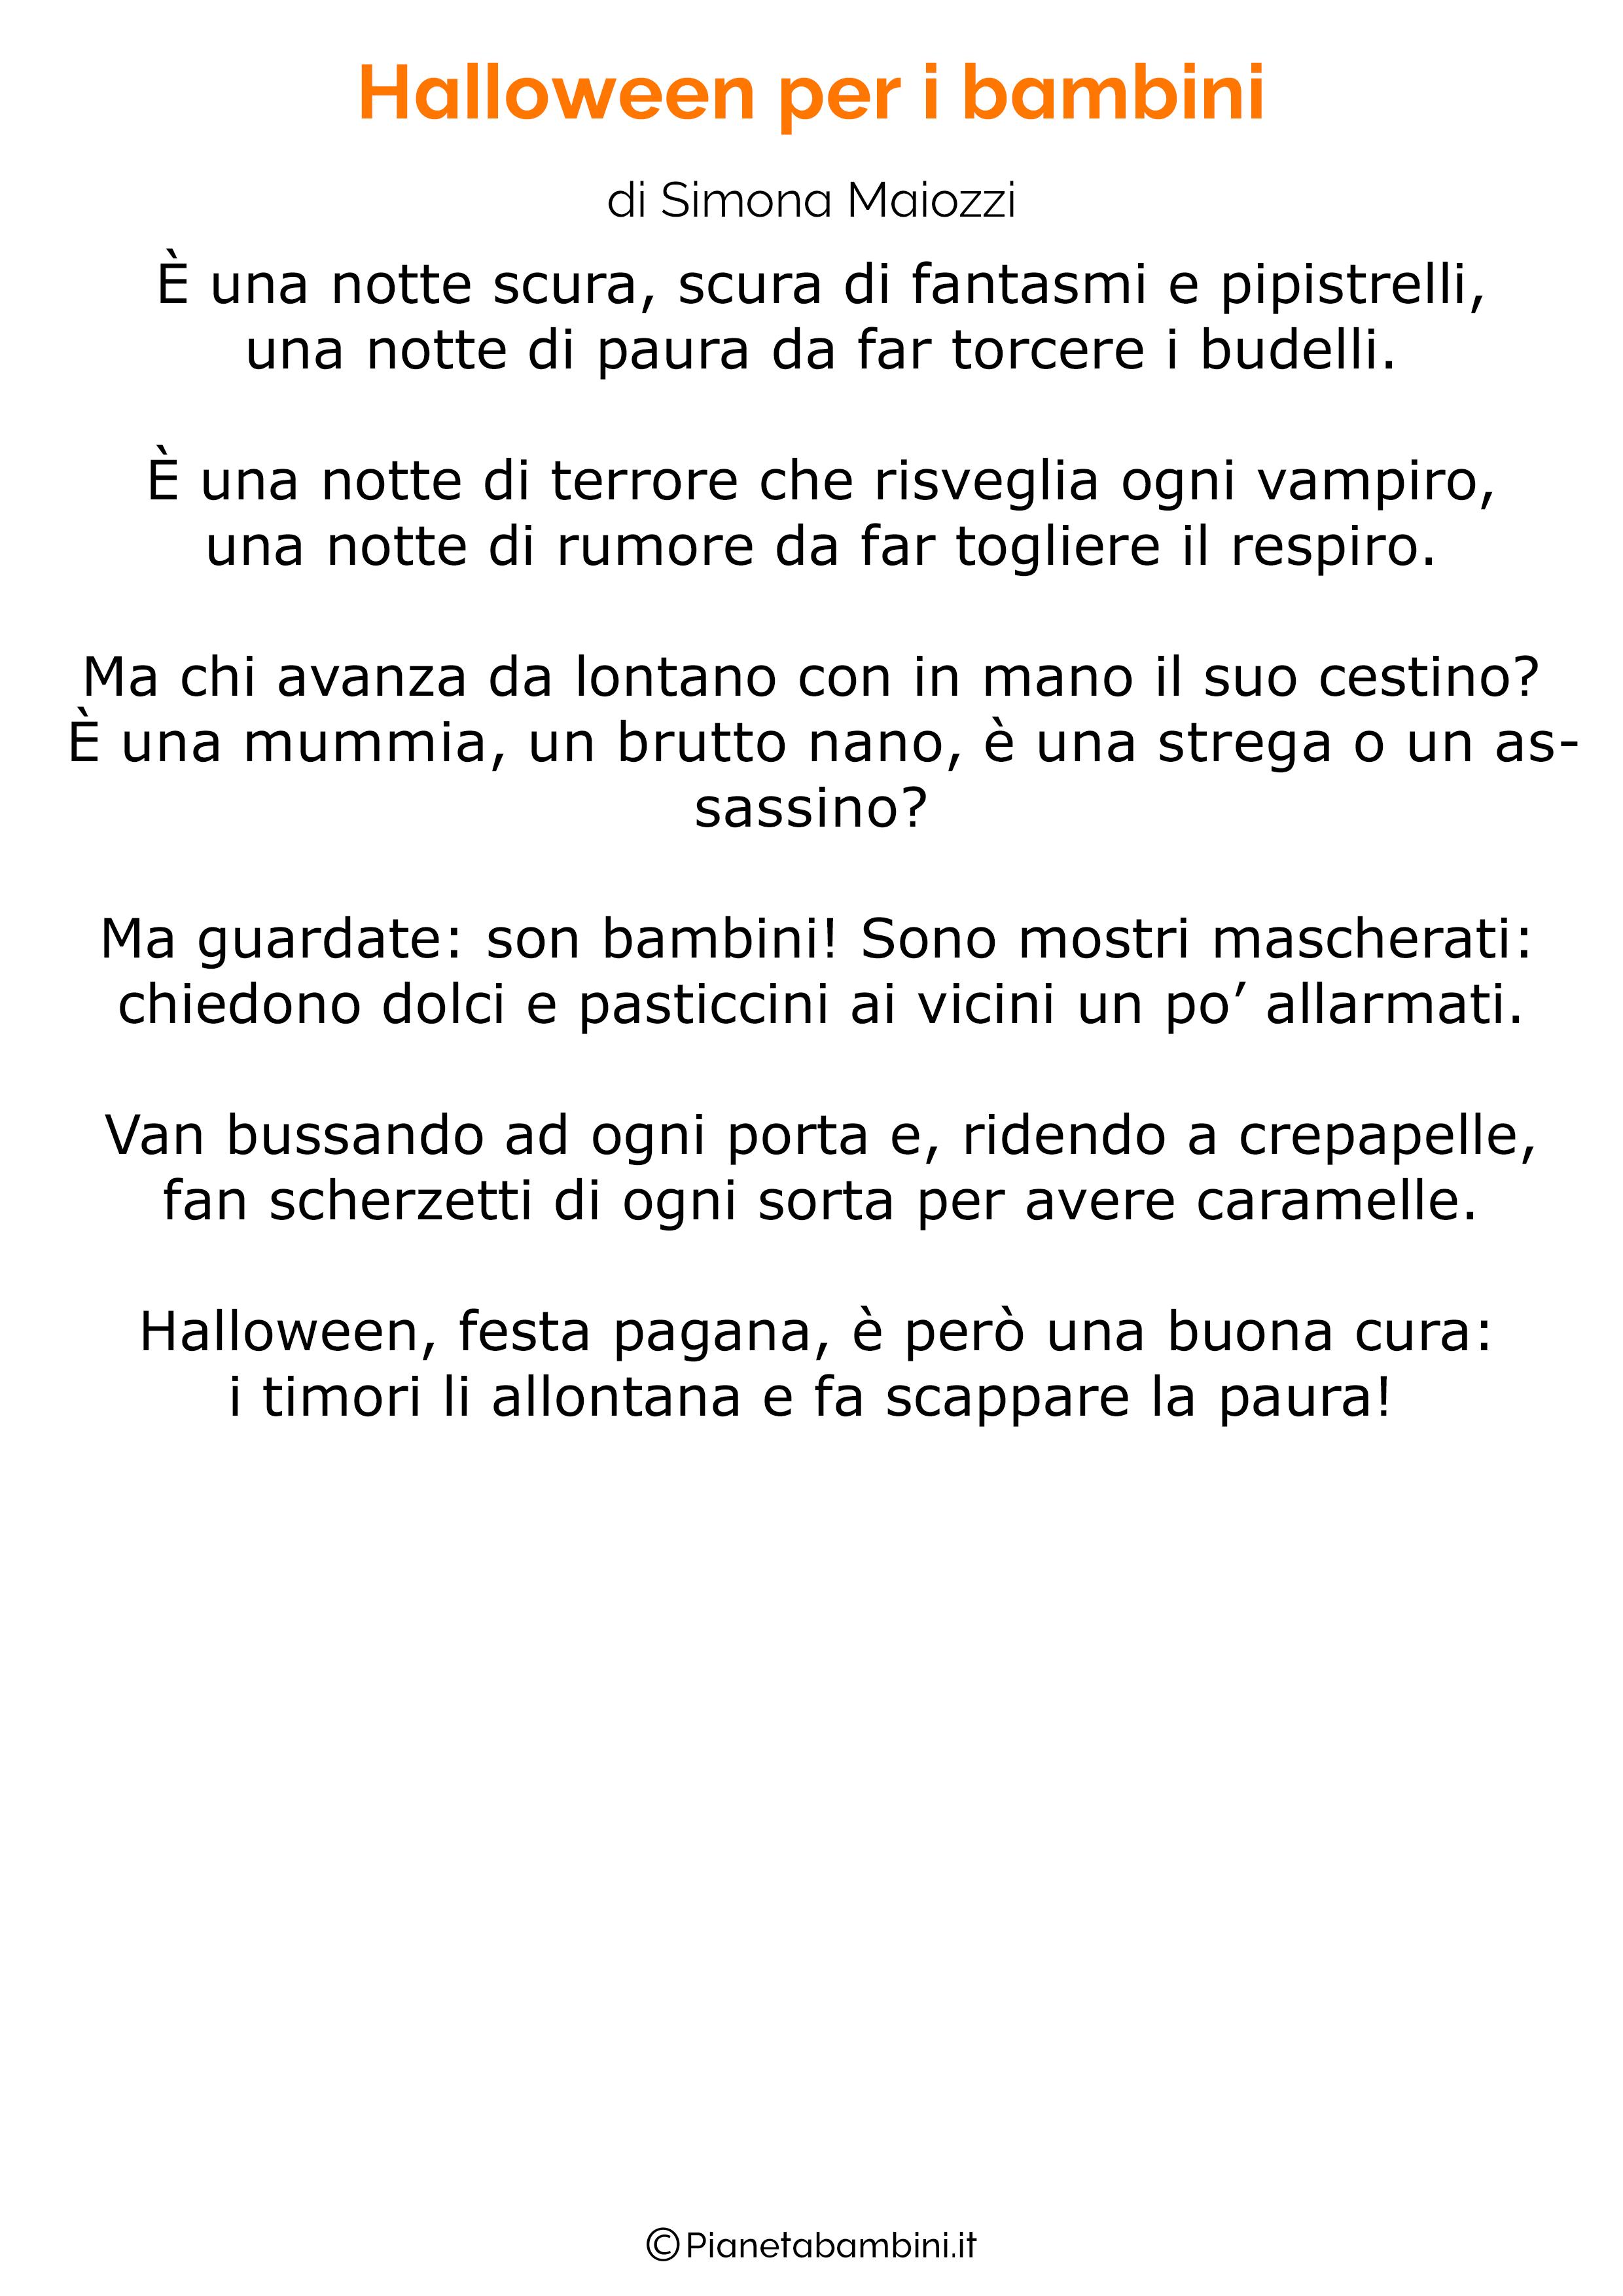 Poesia di Halloween per bambini 02